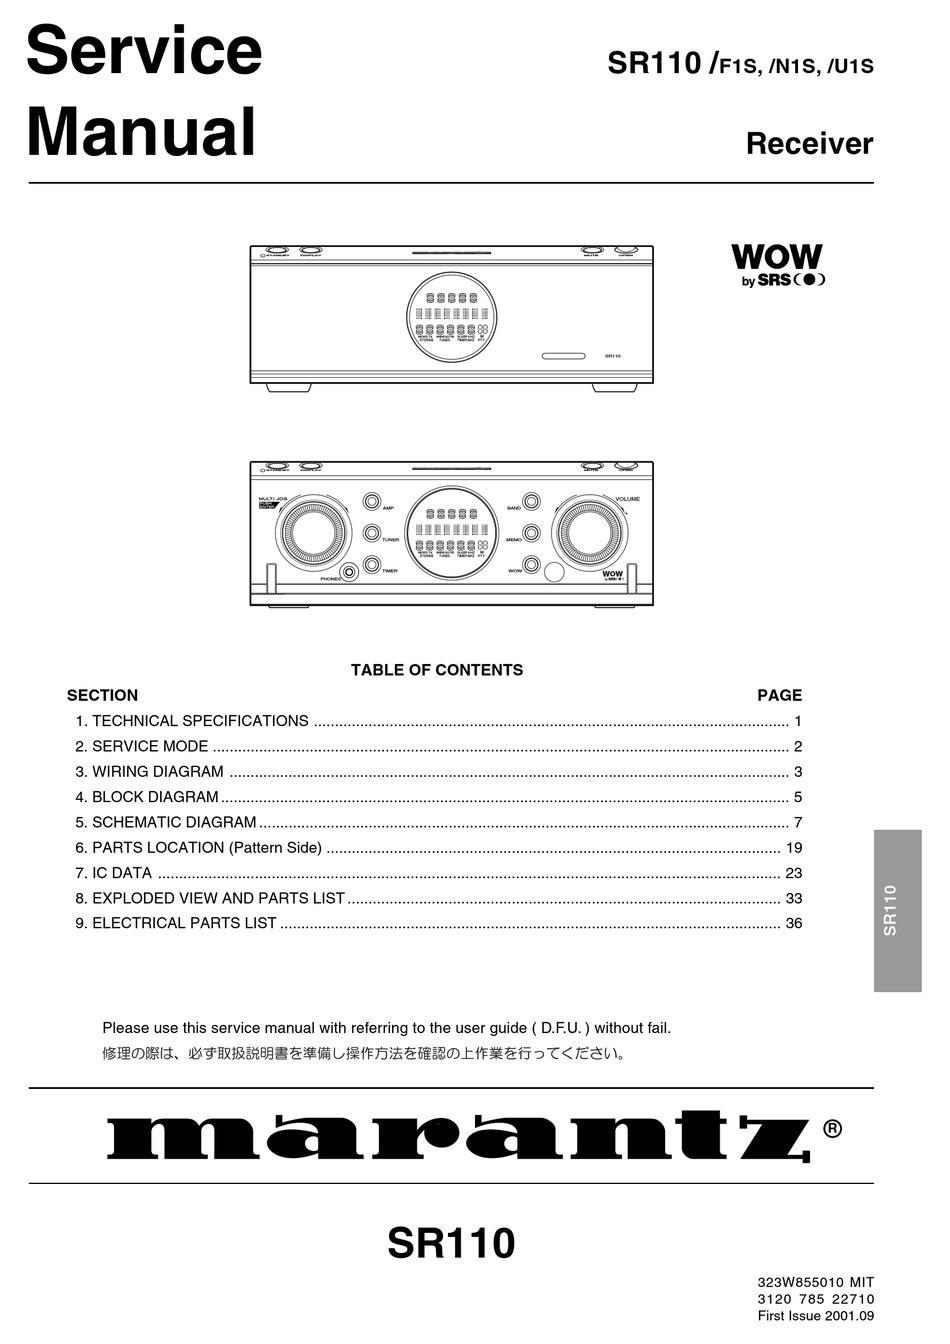 Marantz Sr110 F1s Service Manual Pdf Download Manualslib